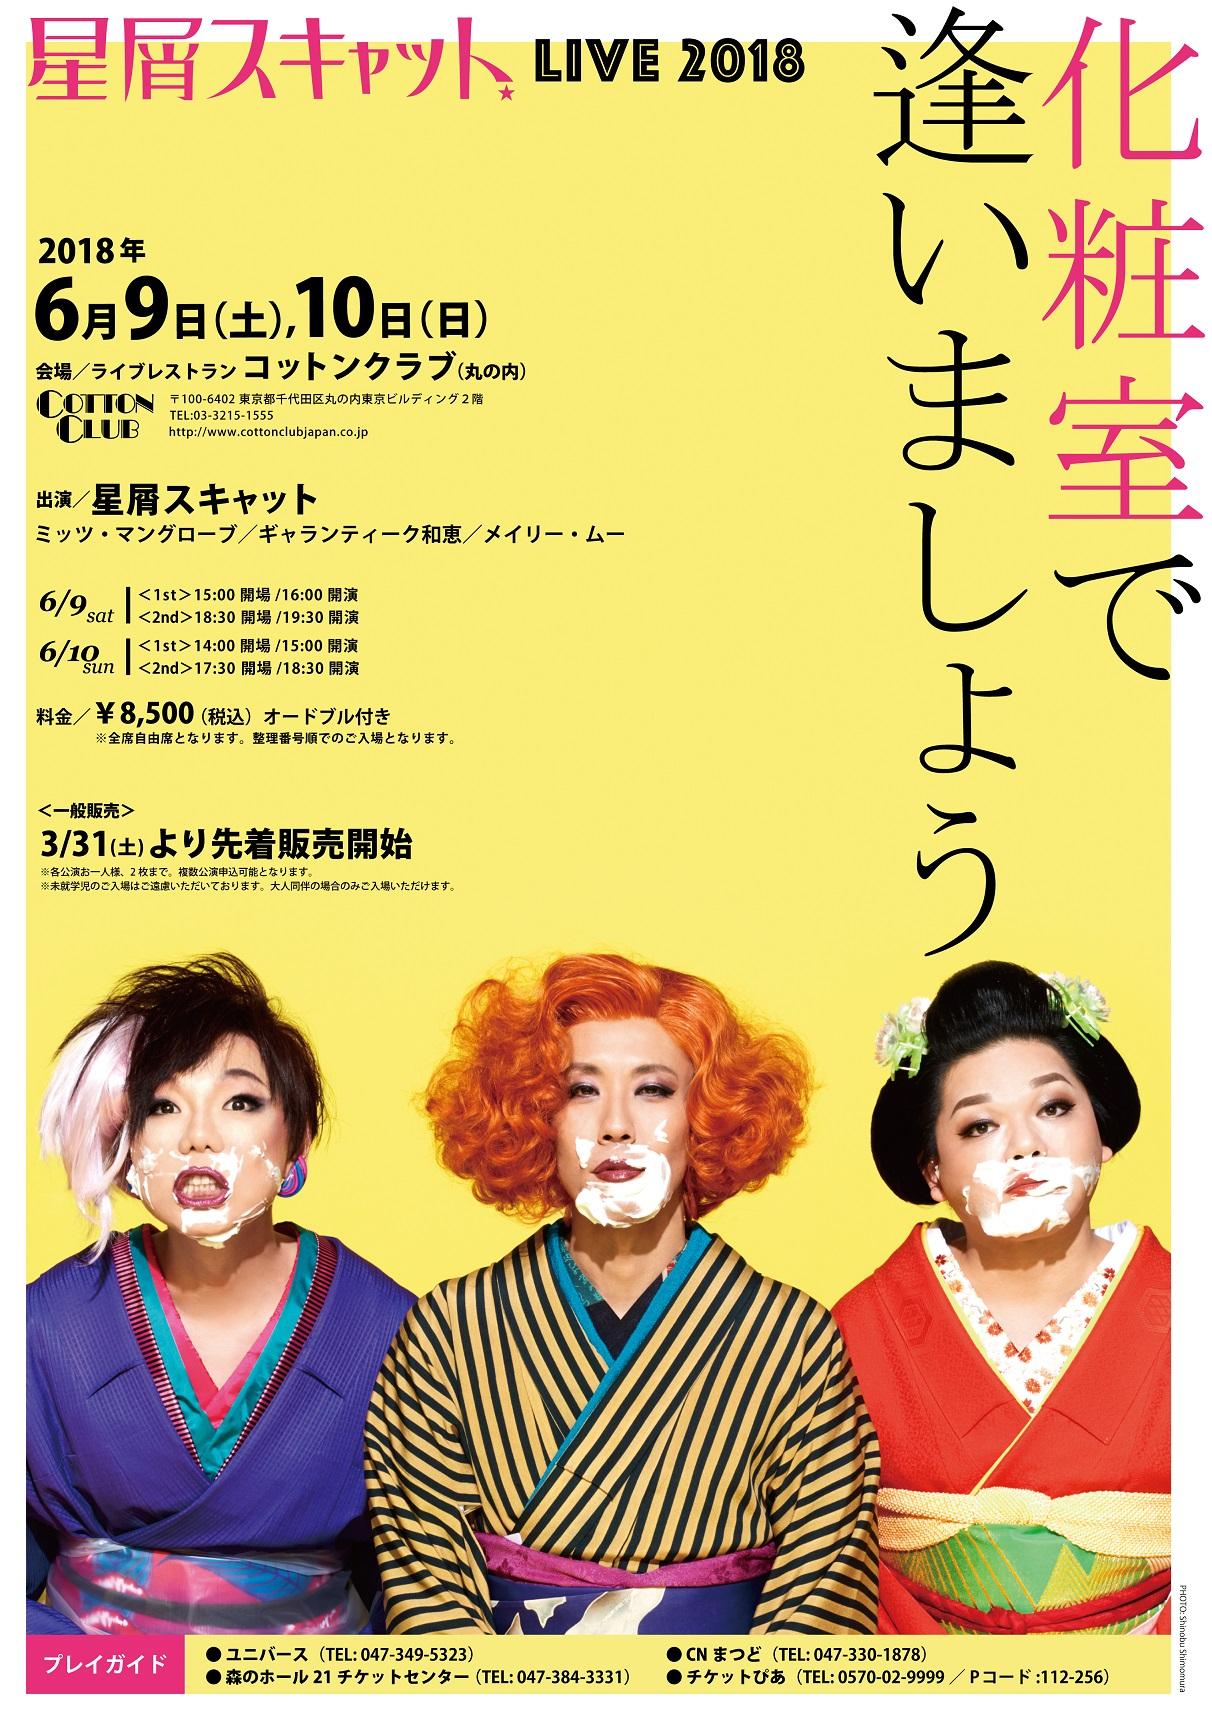 【追加席発売】 アルバム発売記念ライブ「化粧室で逢いましょう」 2018.6.9.sat,10sun@COTTON CLUB